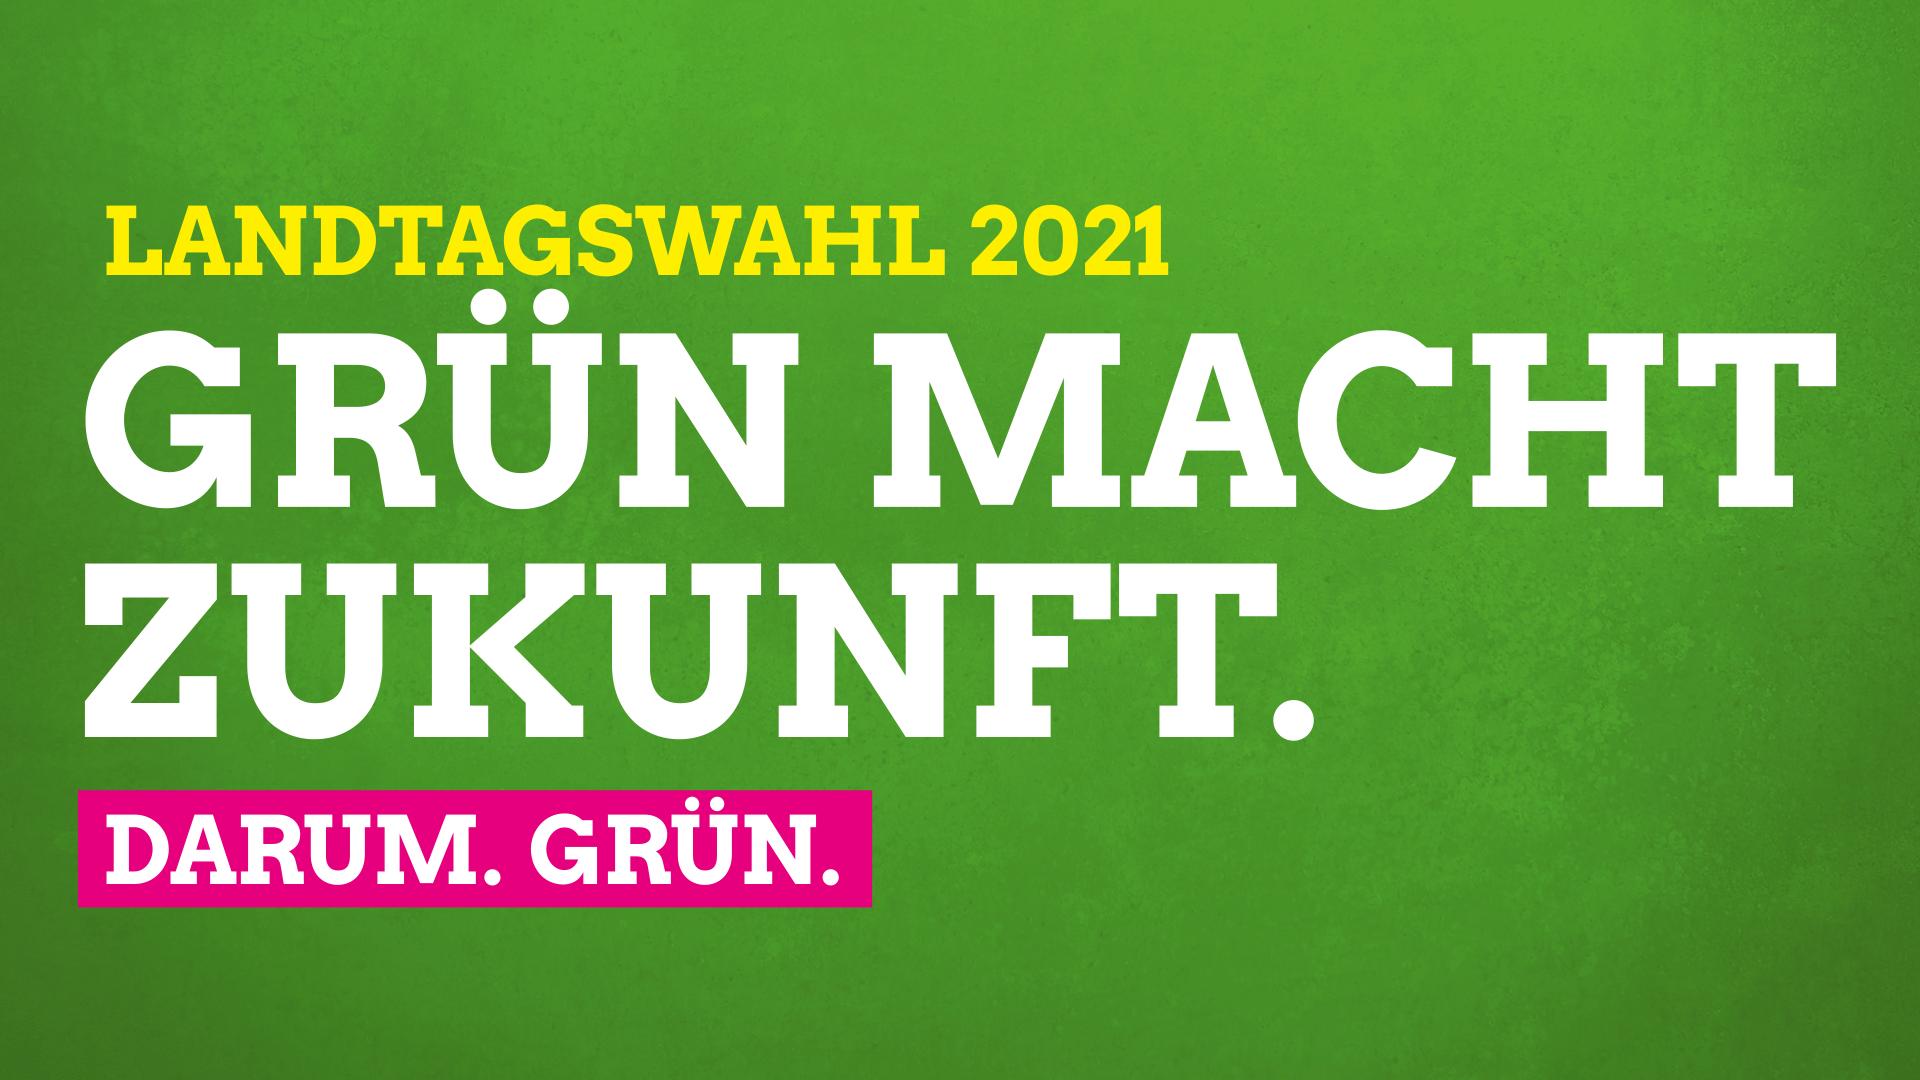 Unser Landtagswahl-Programm